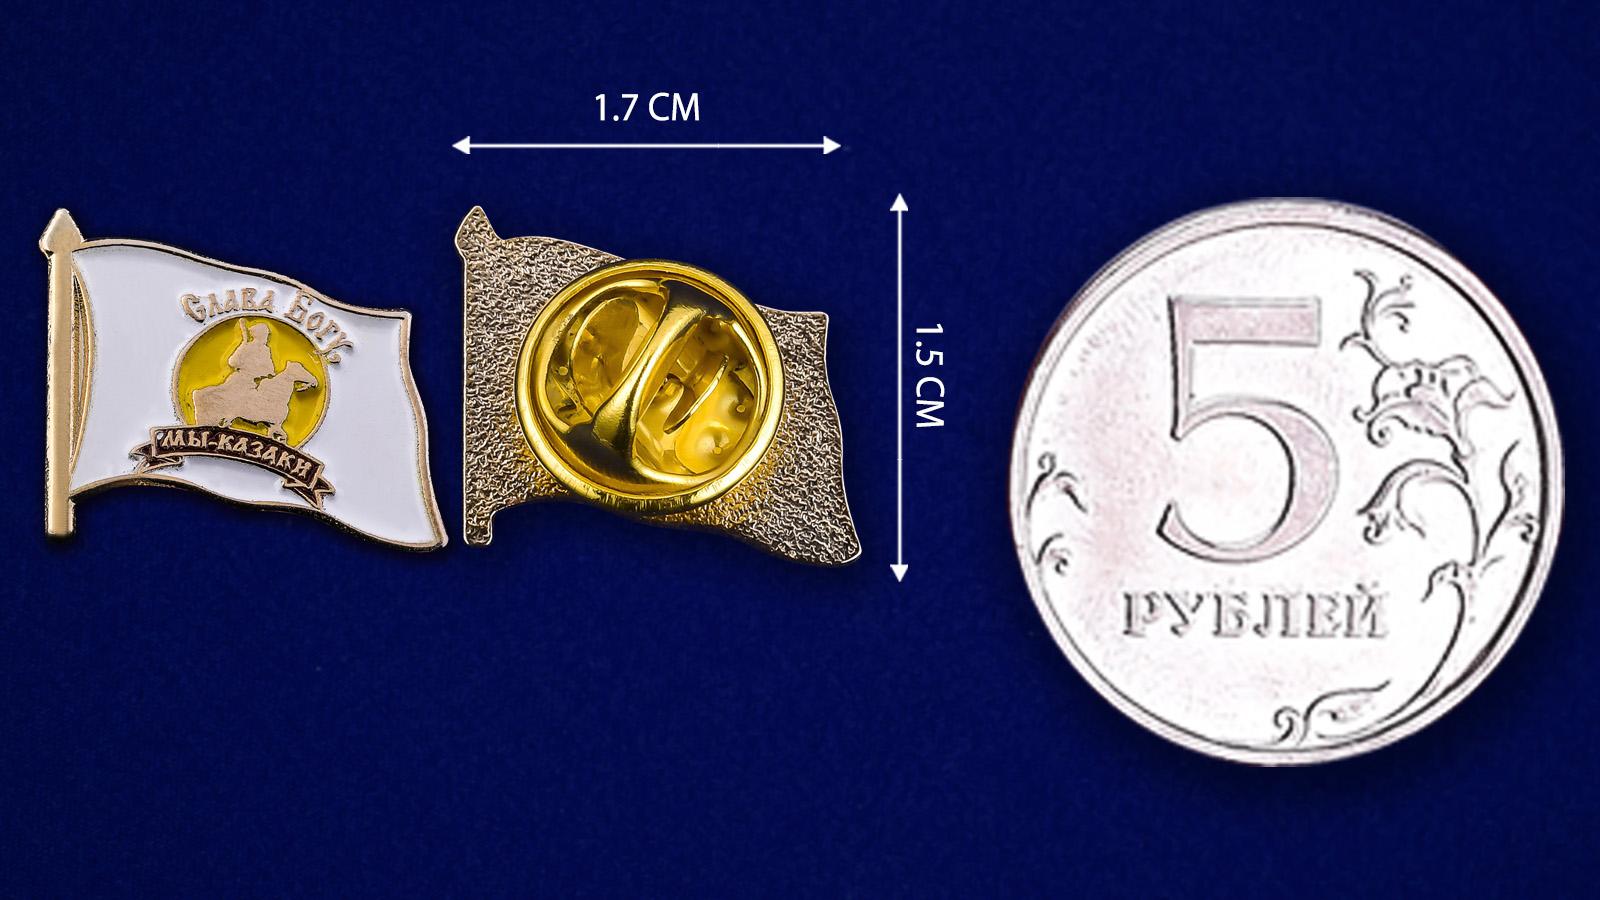 """Значок """"Слава Богу - мы казаки""""-сравнительный размер"""